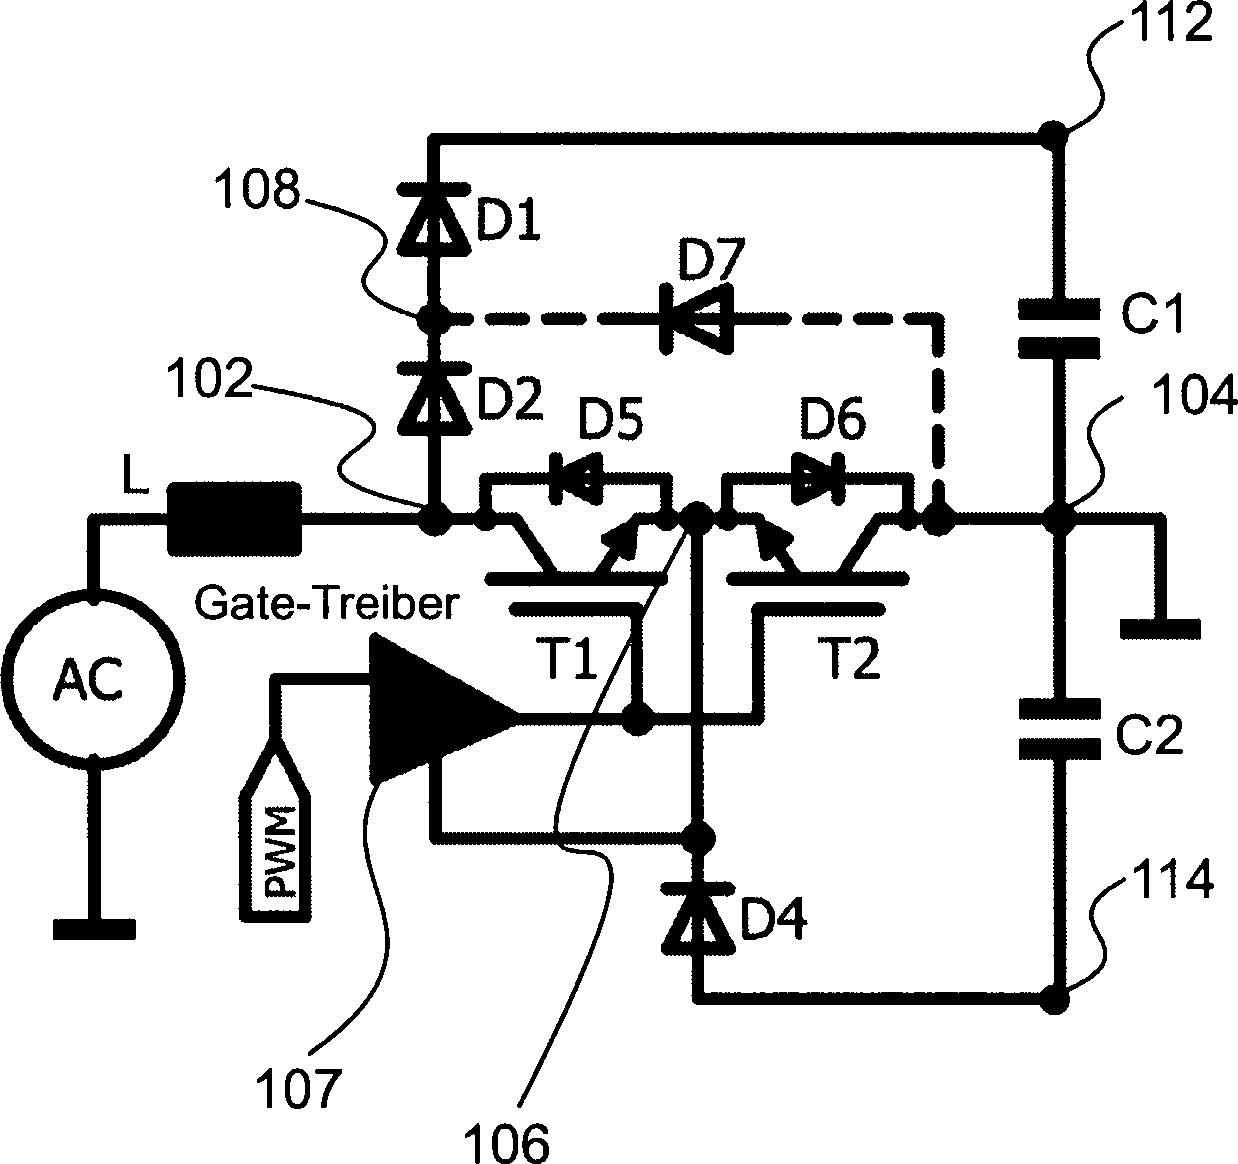 Figure DE102016211403B4_0001